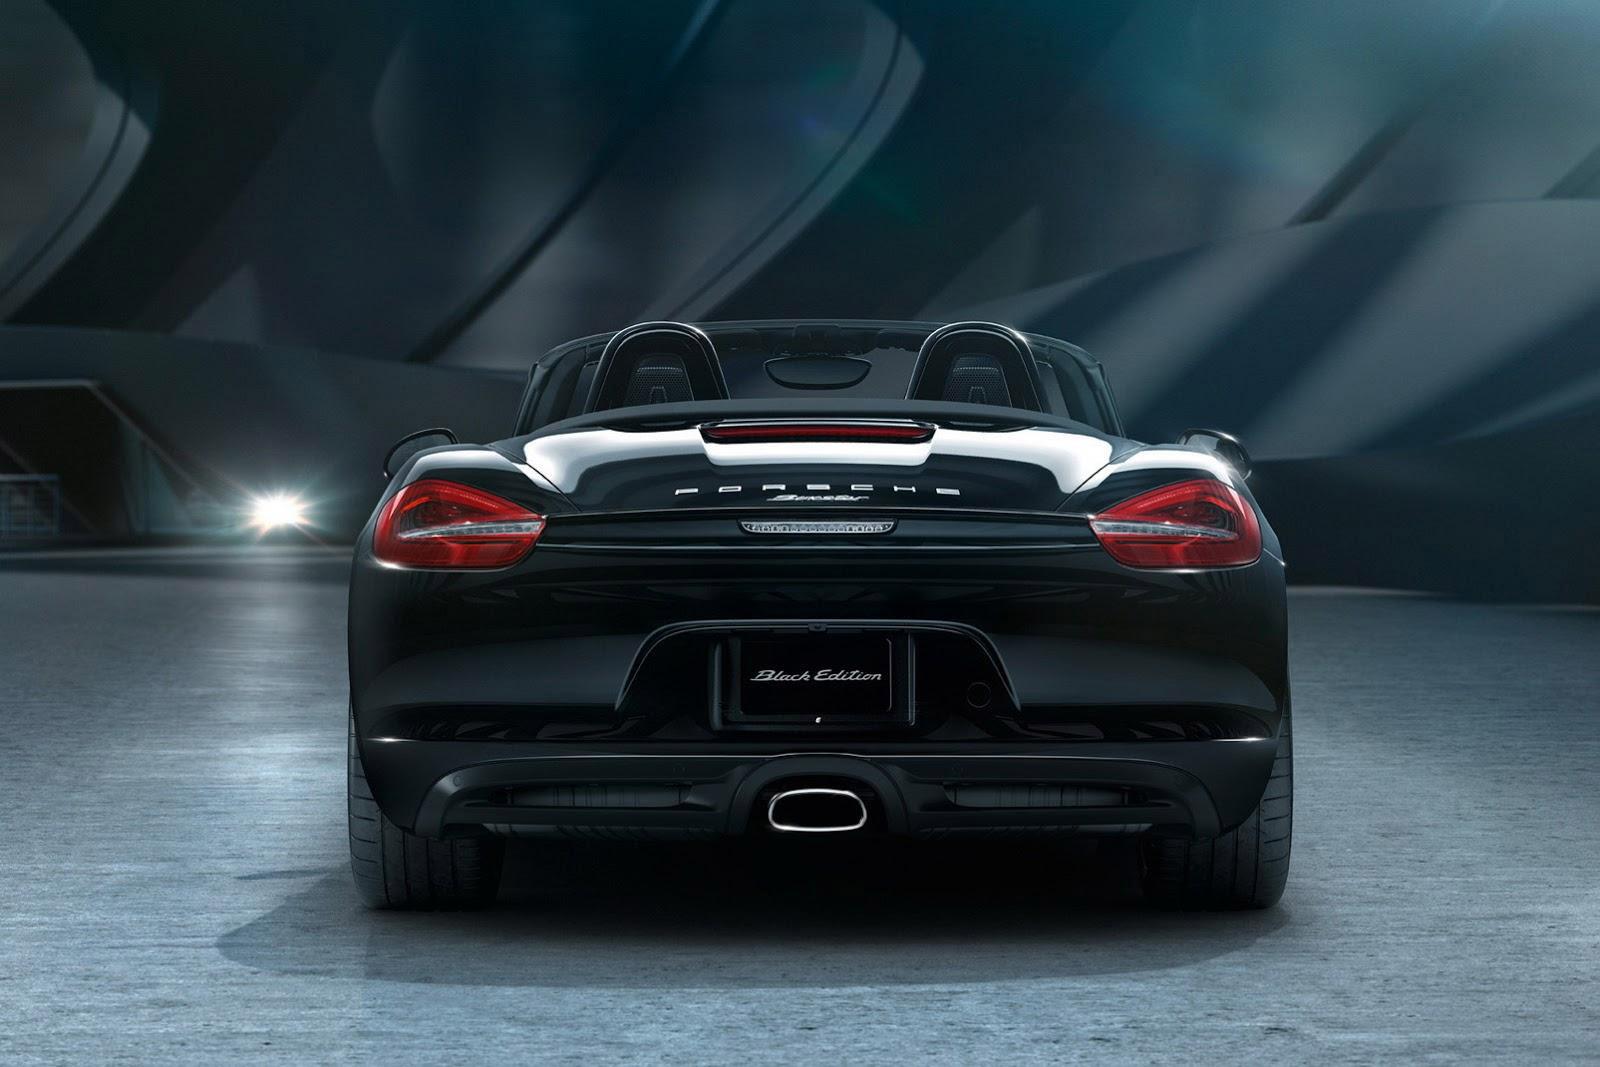 2015 Porsche Boxster Black Edition Picture 122145